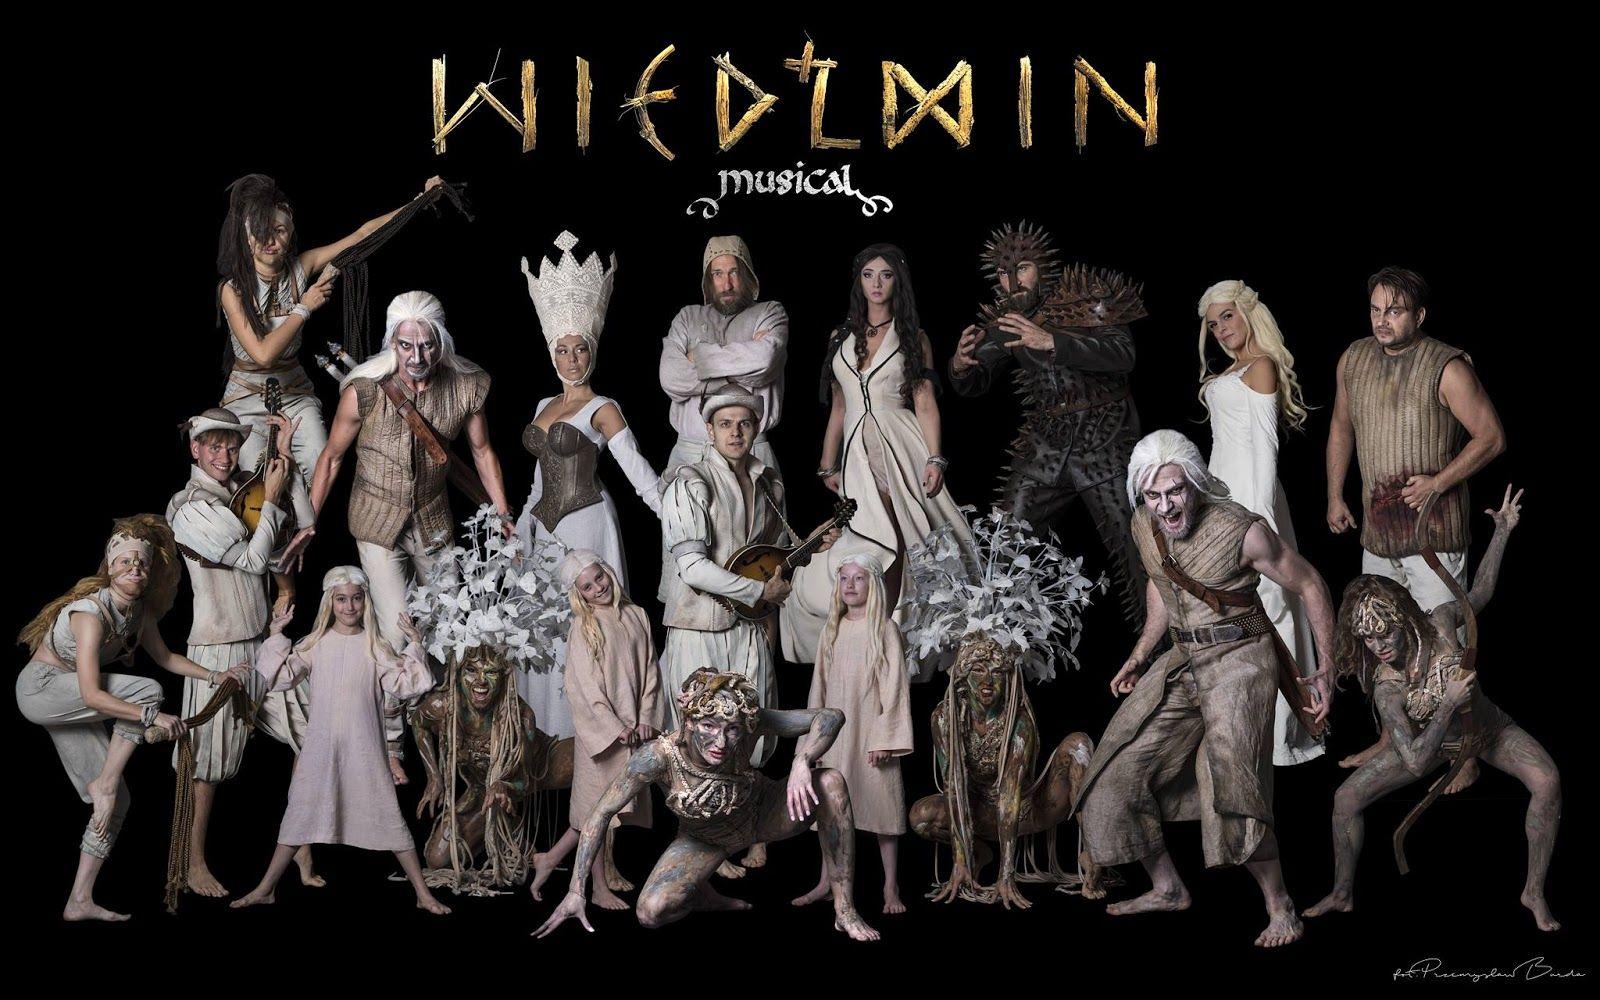 wiedzmin_musical